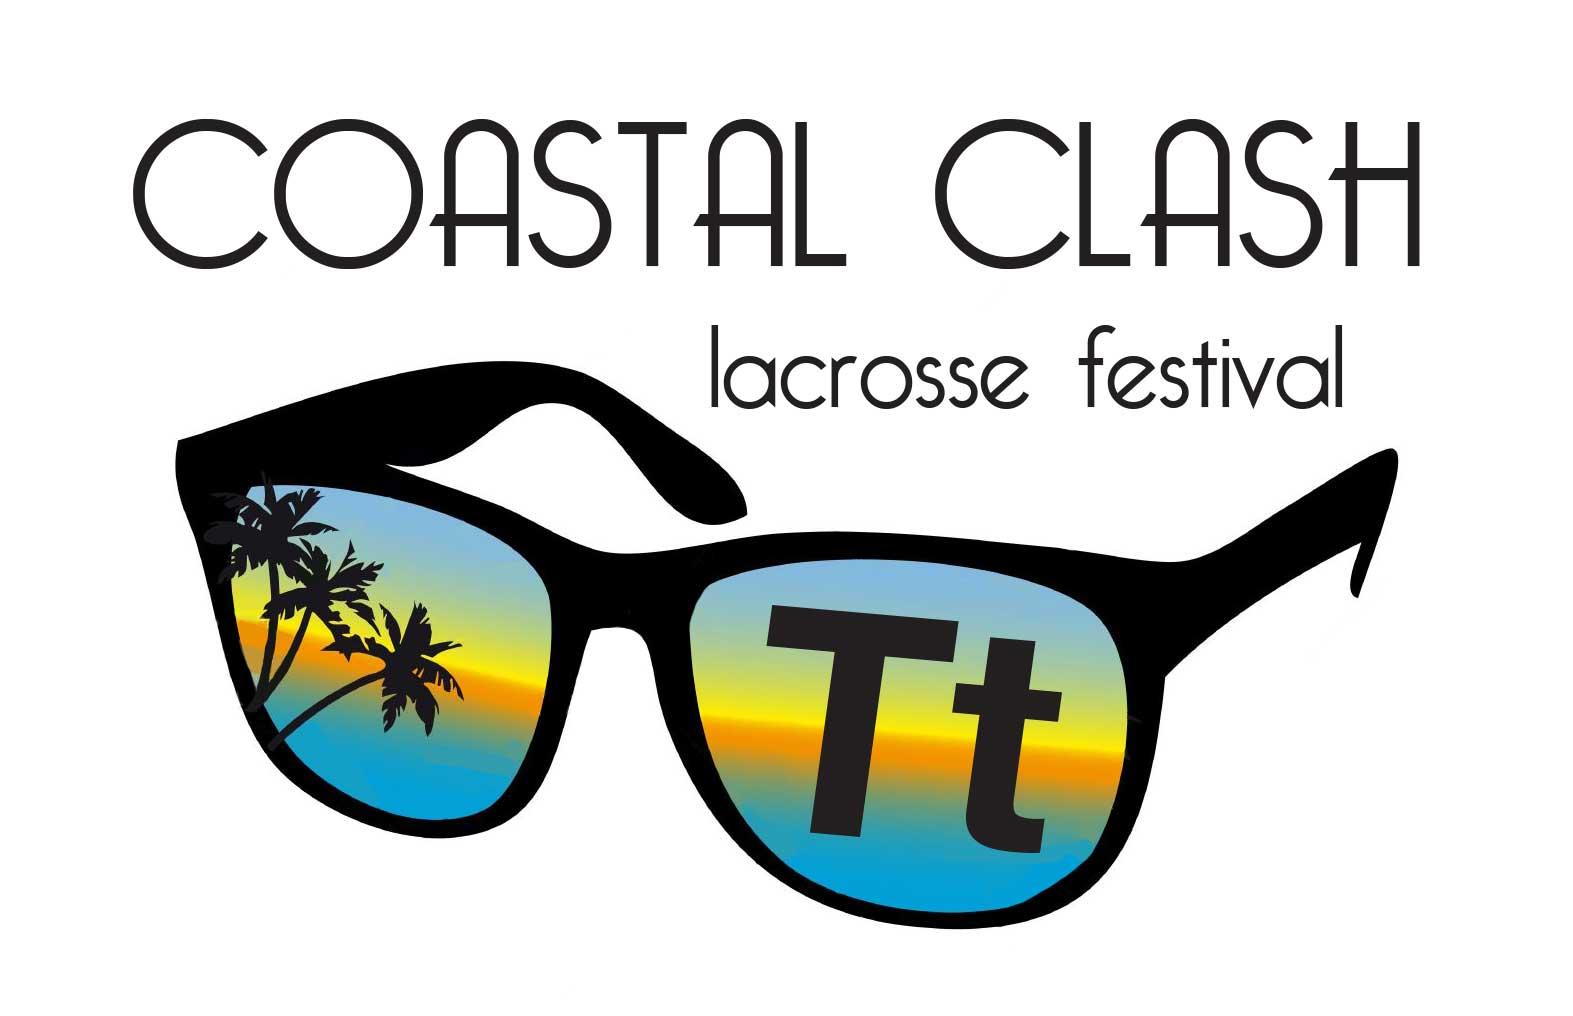 Coastal-Clash-logo-rough-with-words.jpg